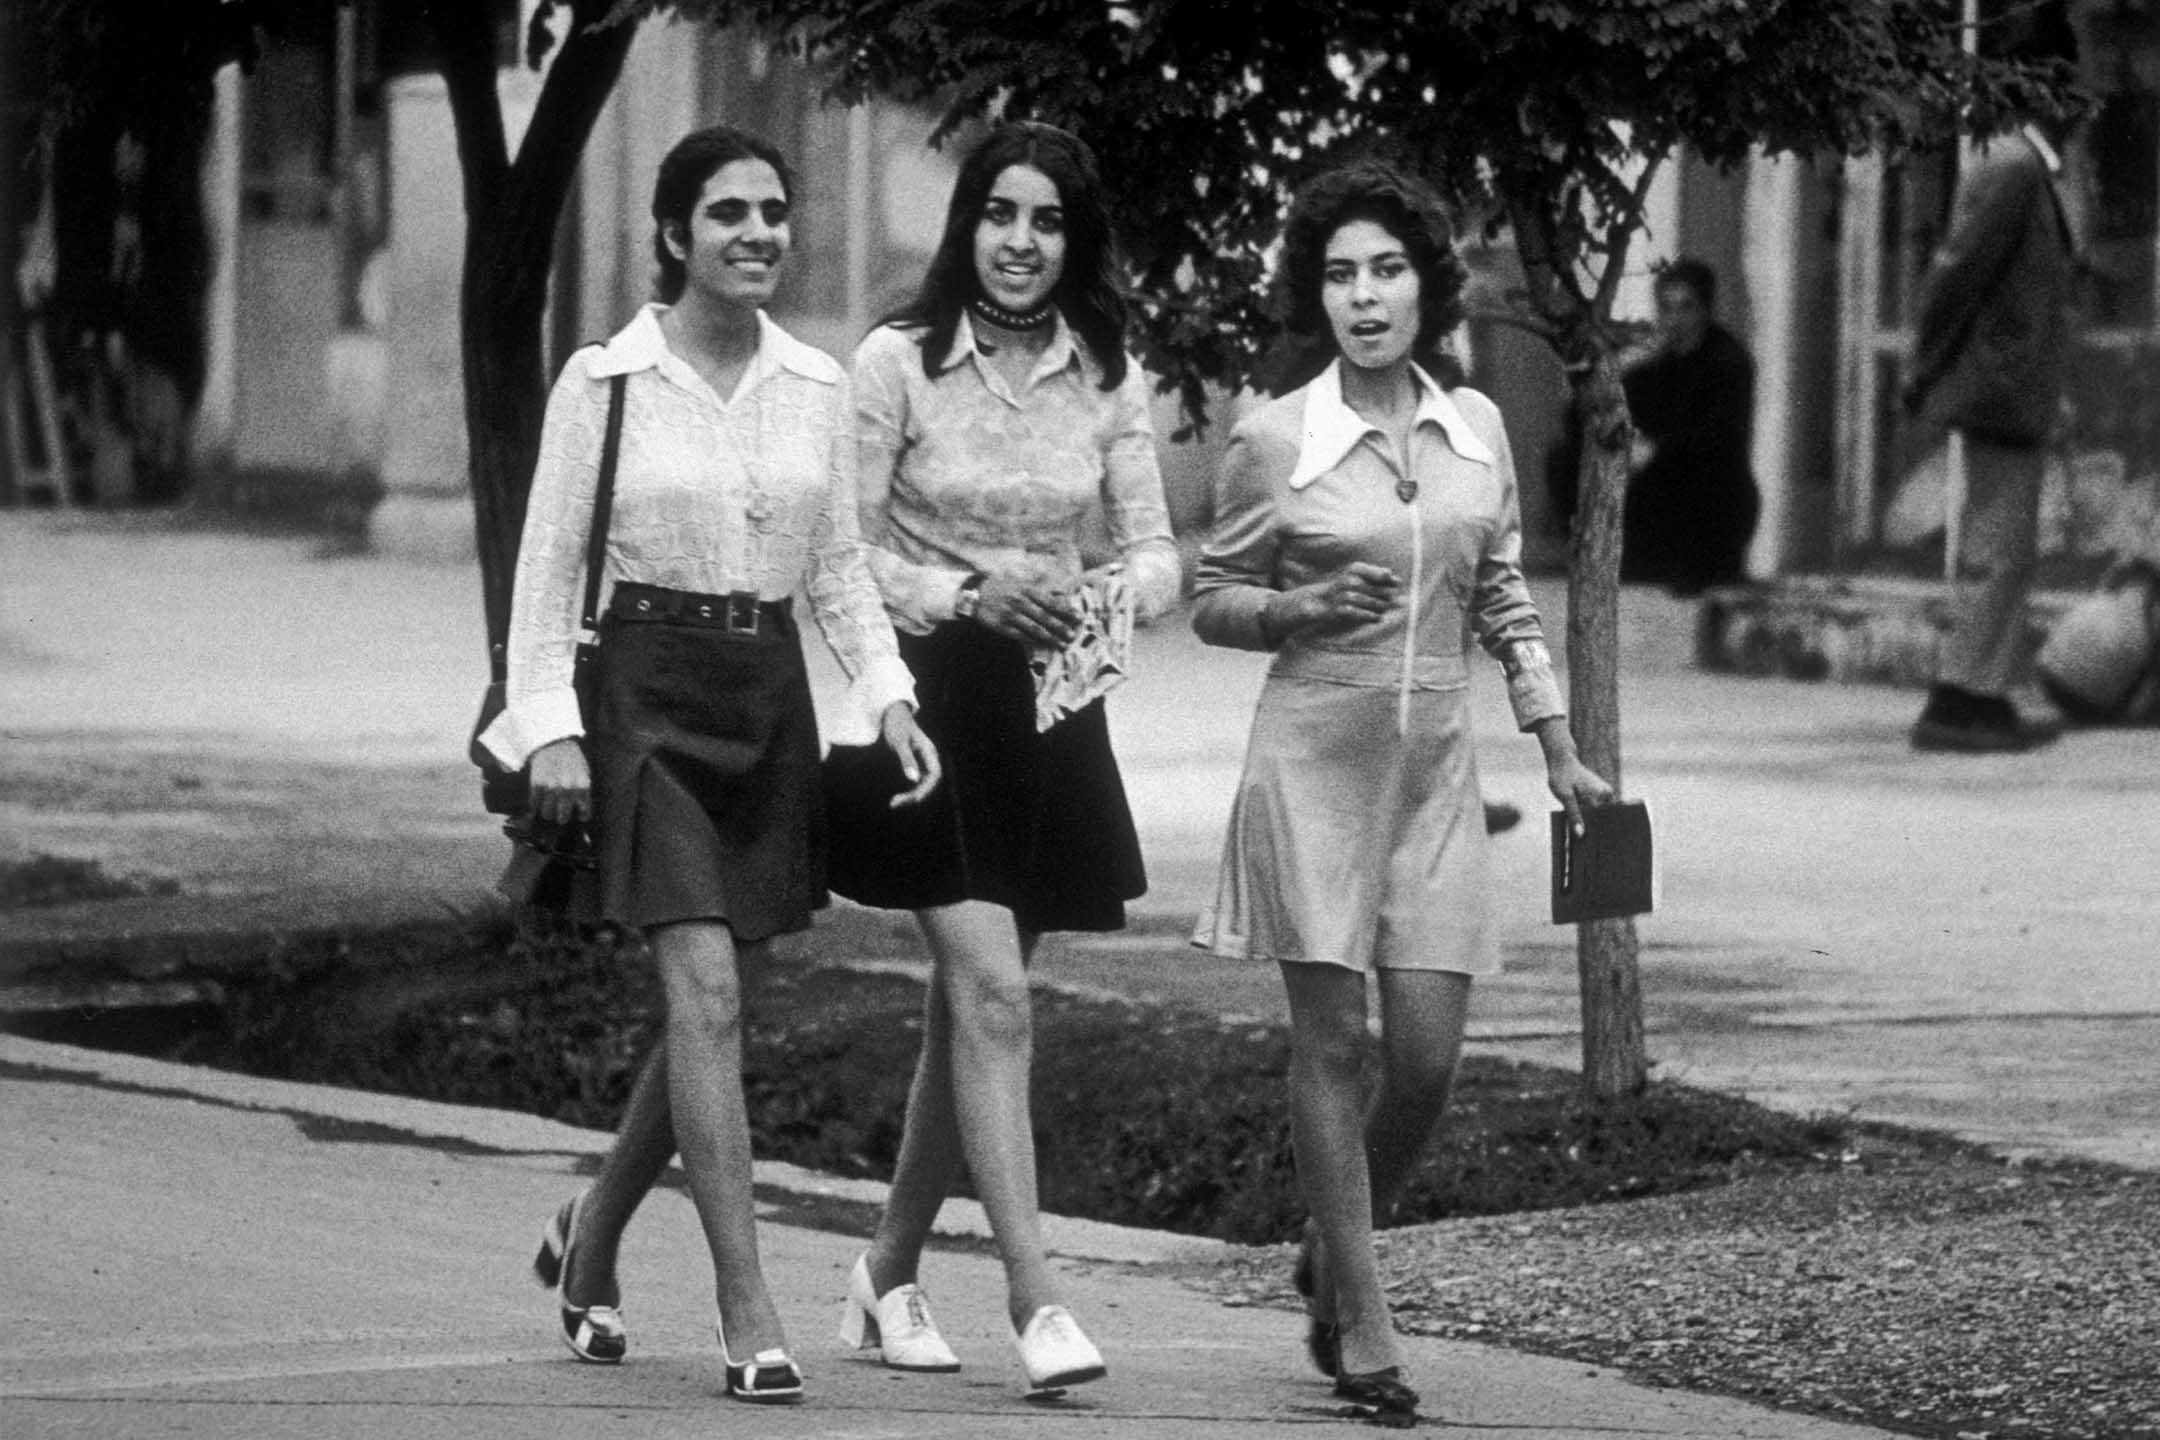 1972 年,年輕學生穿著迷你裙走在喀布爾市的街道上。